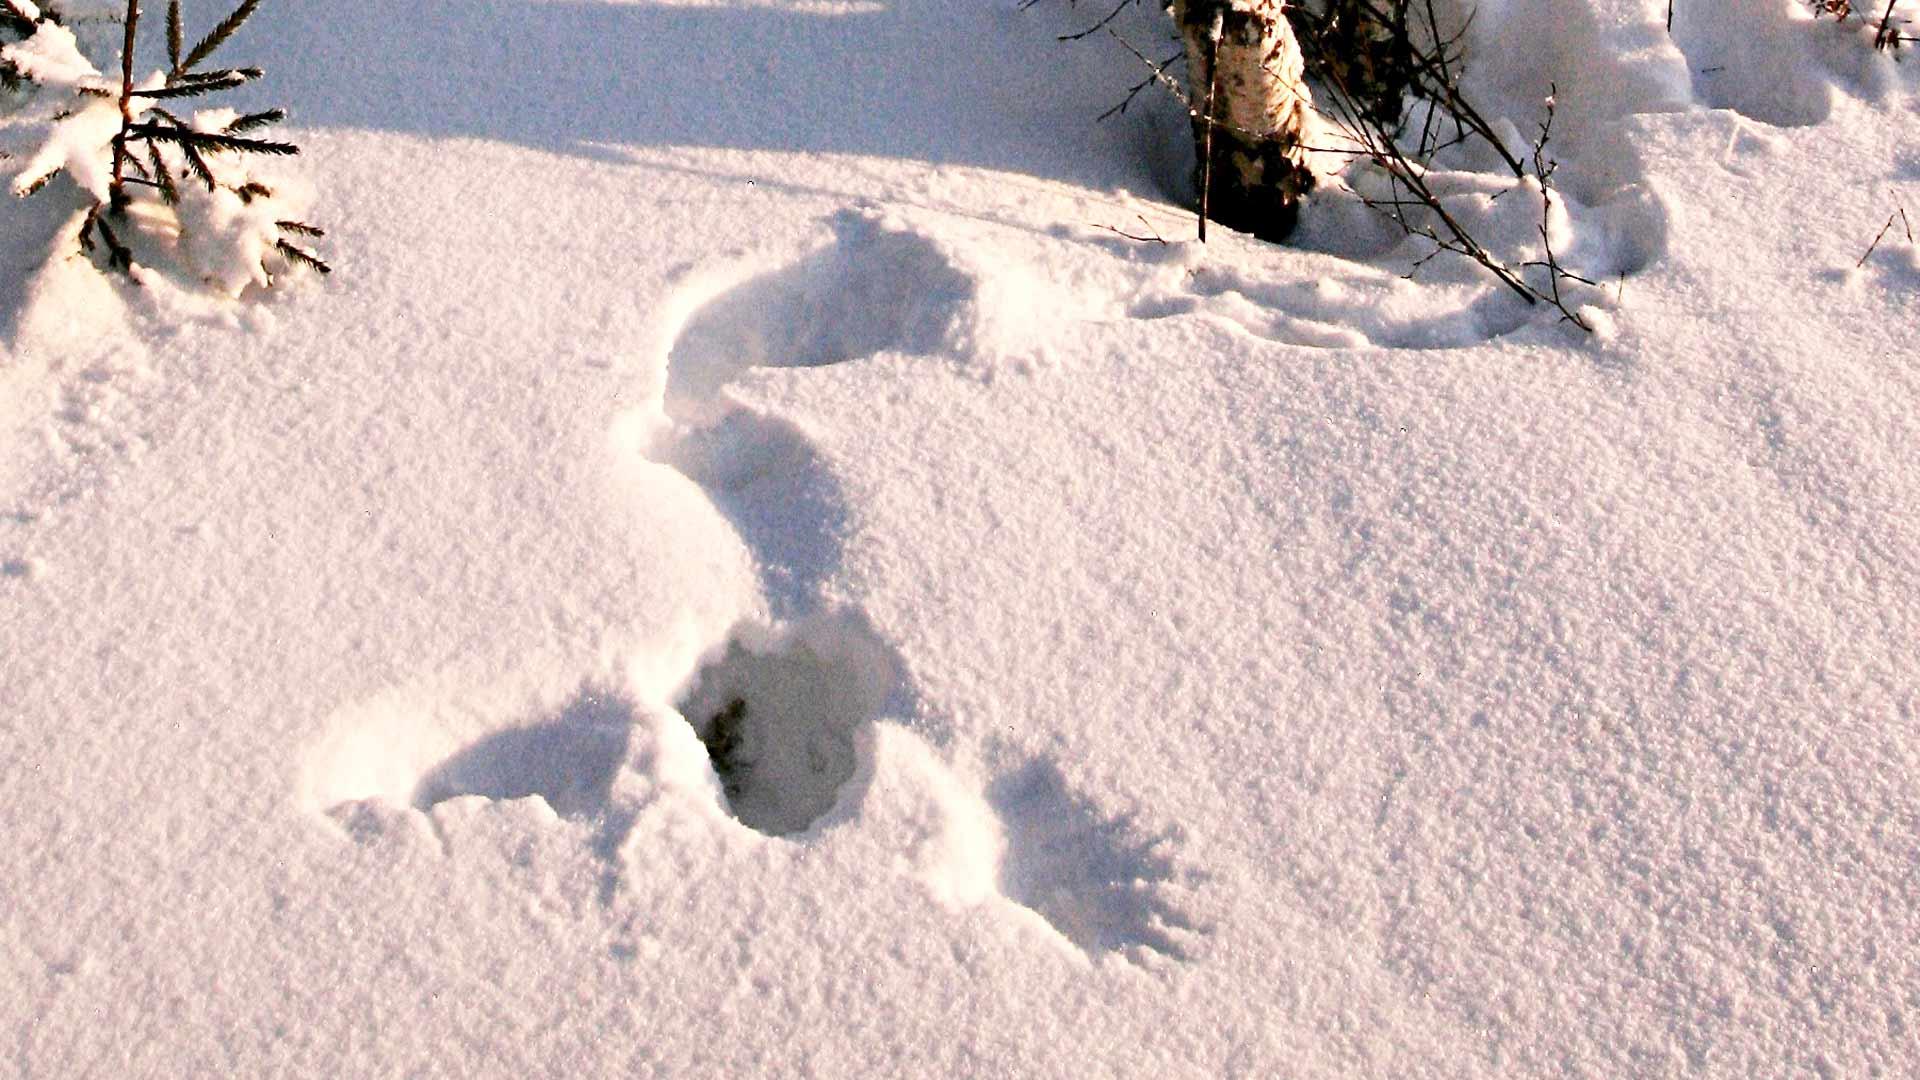 Kanalinnut eivät etsi lumikieppiä jalkapatikalla, vaan pudottautuvat umpisukkeluksiin suoraan lennosta.